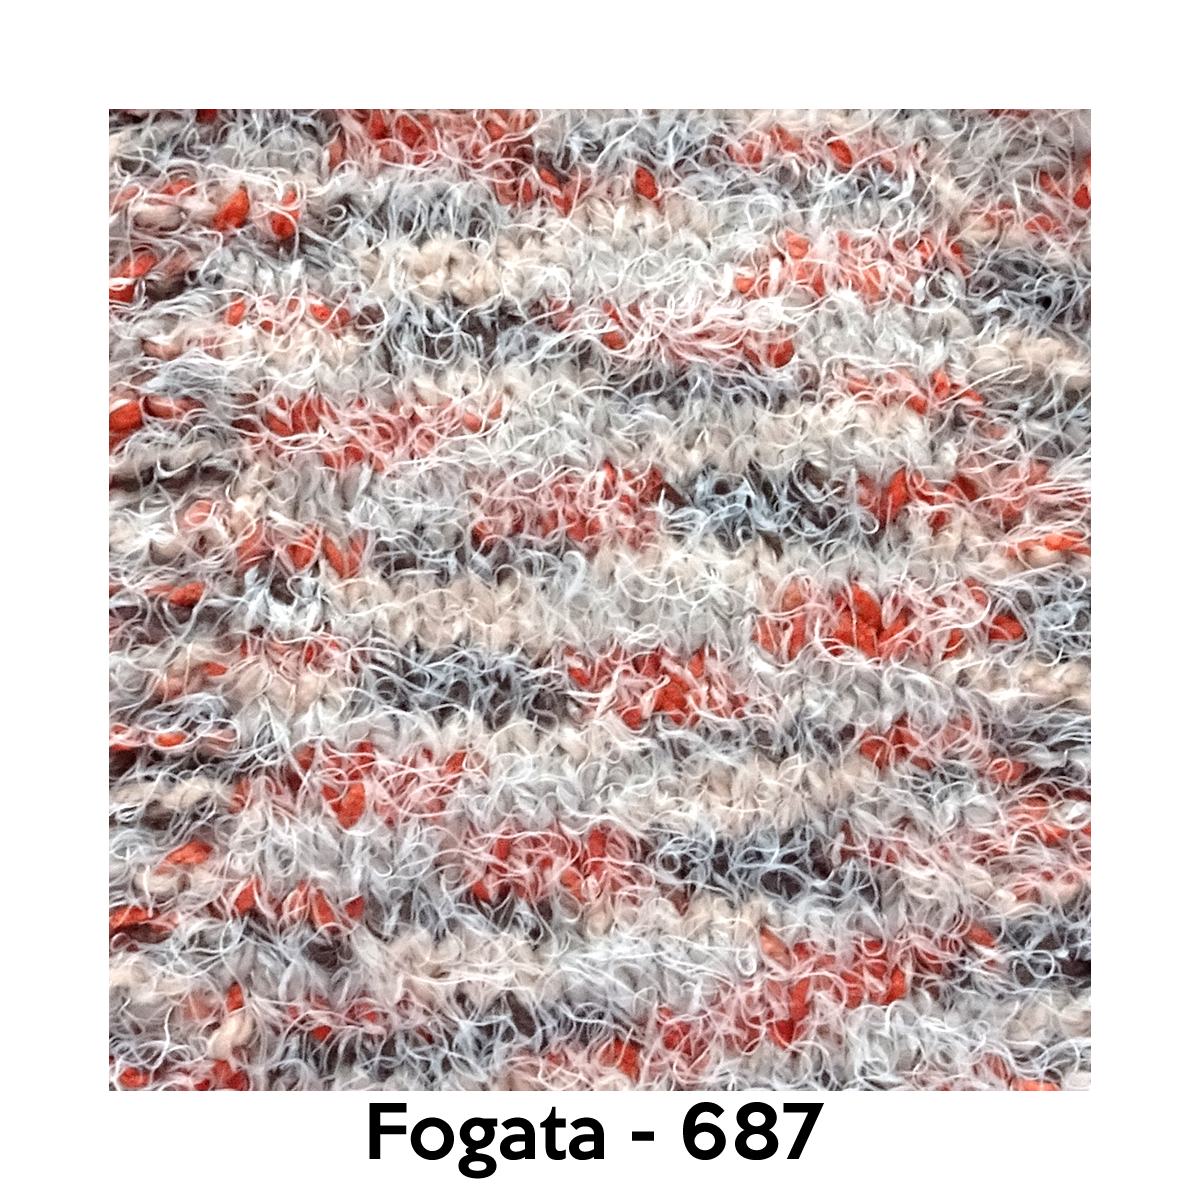 Fogata - 687